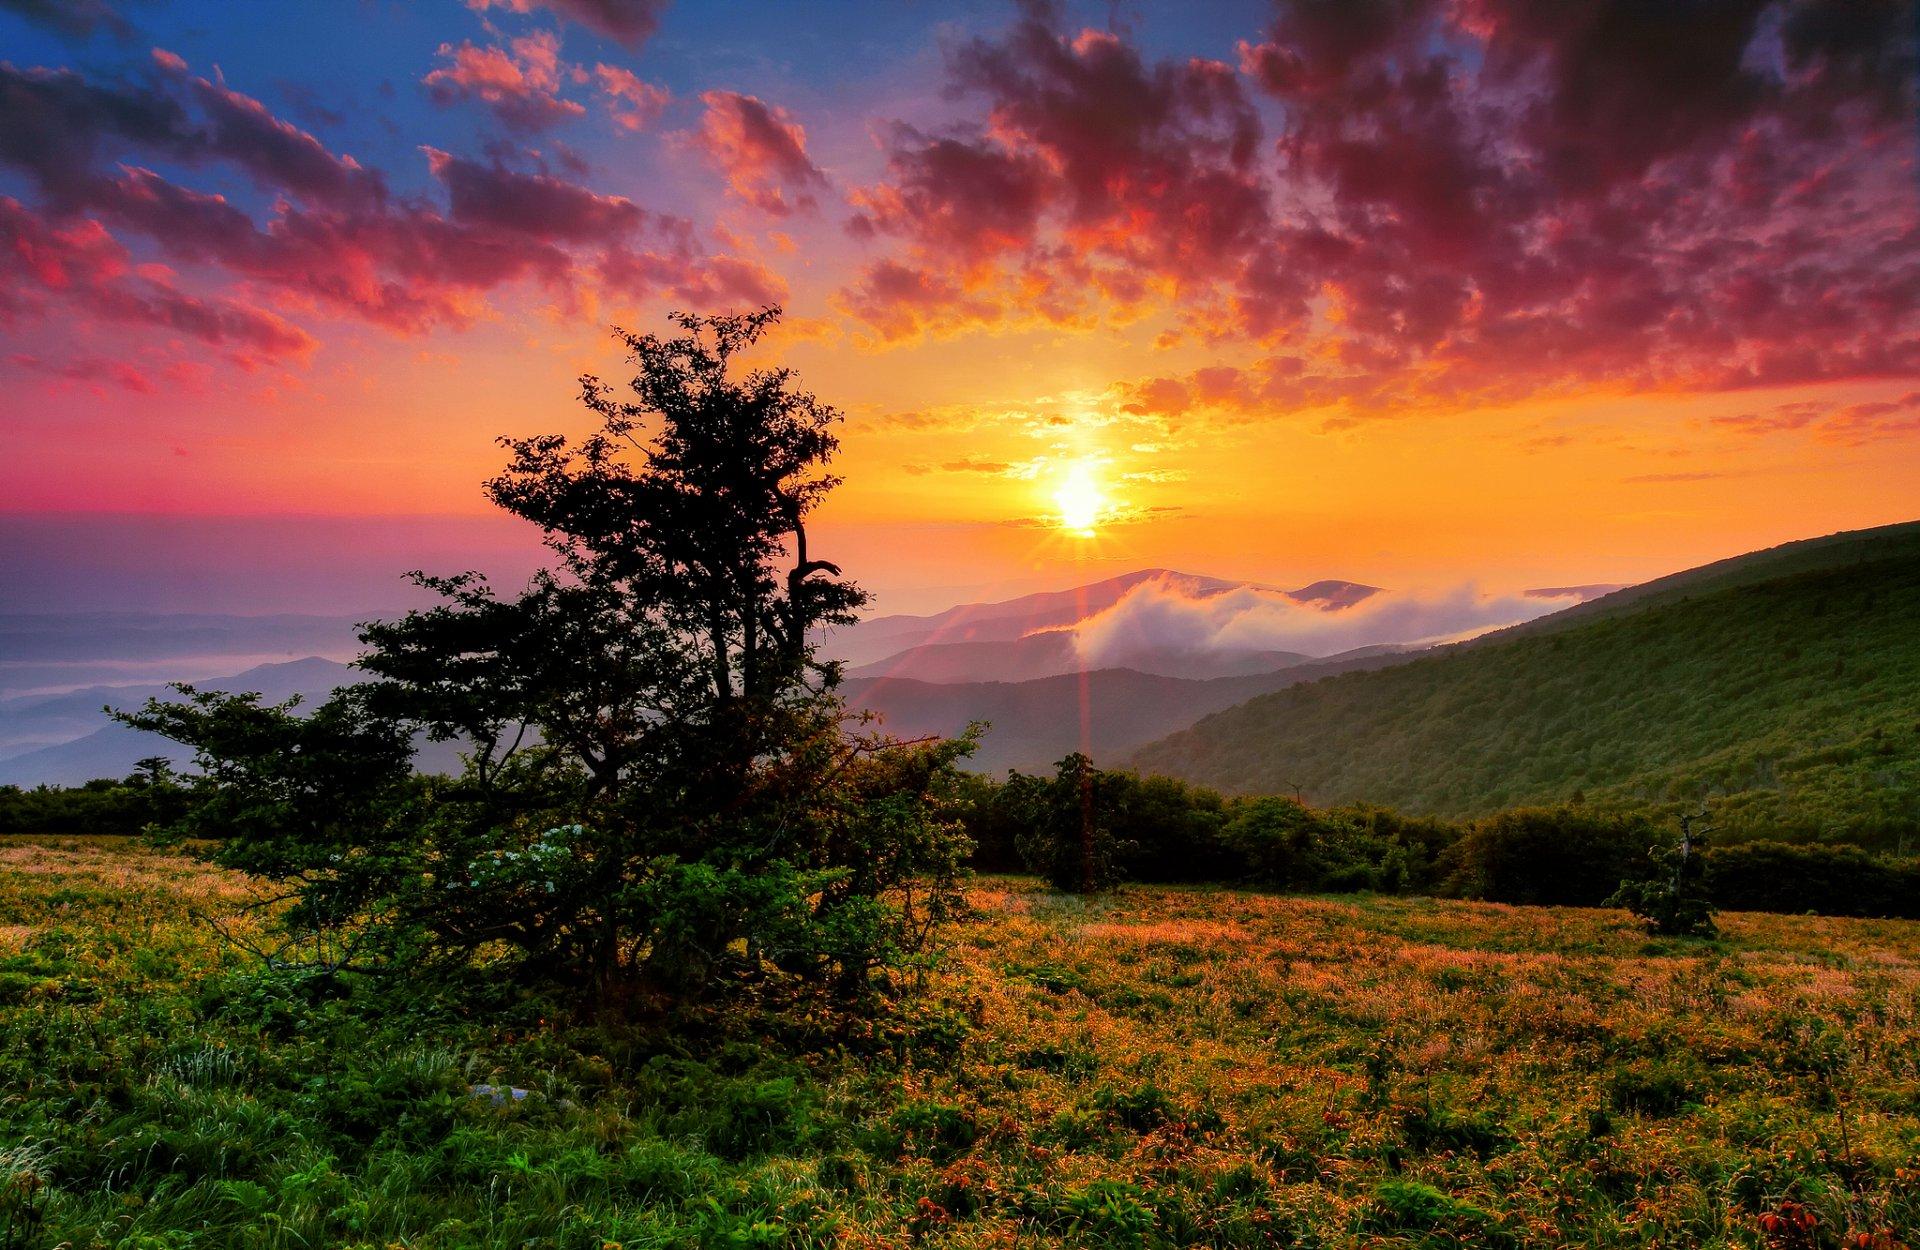 солнца заката картинки природы